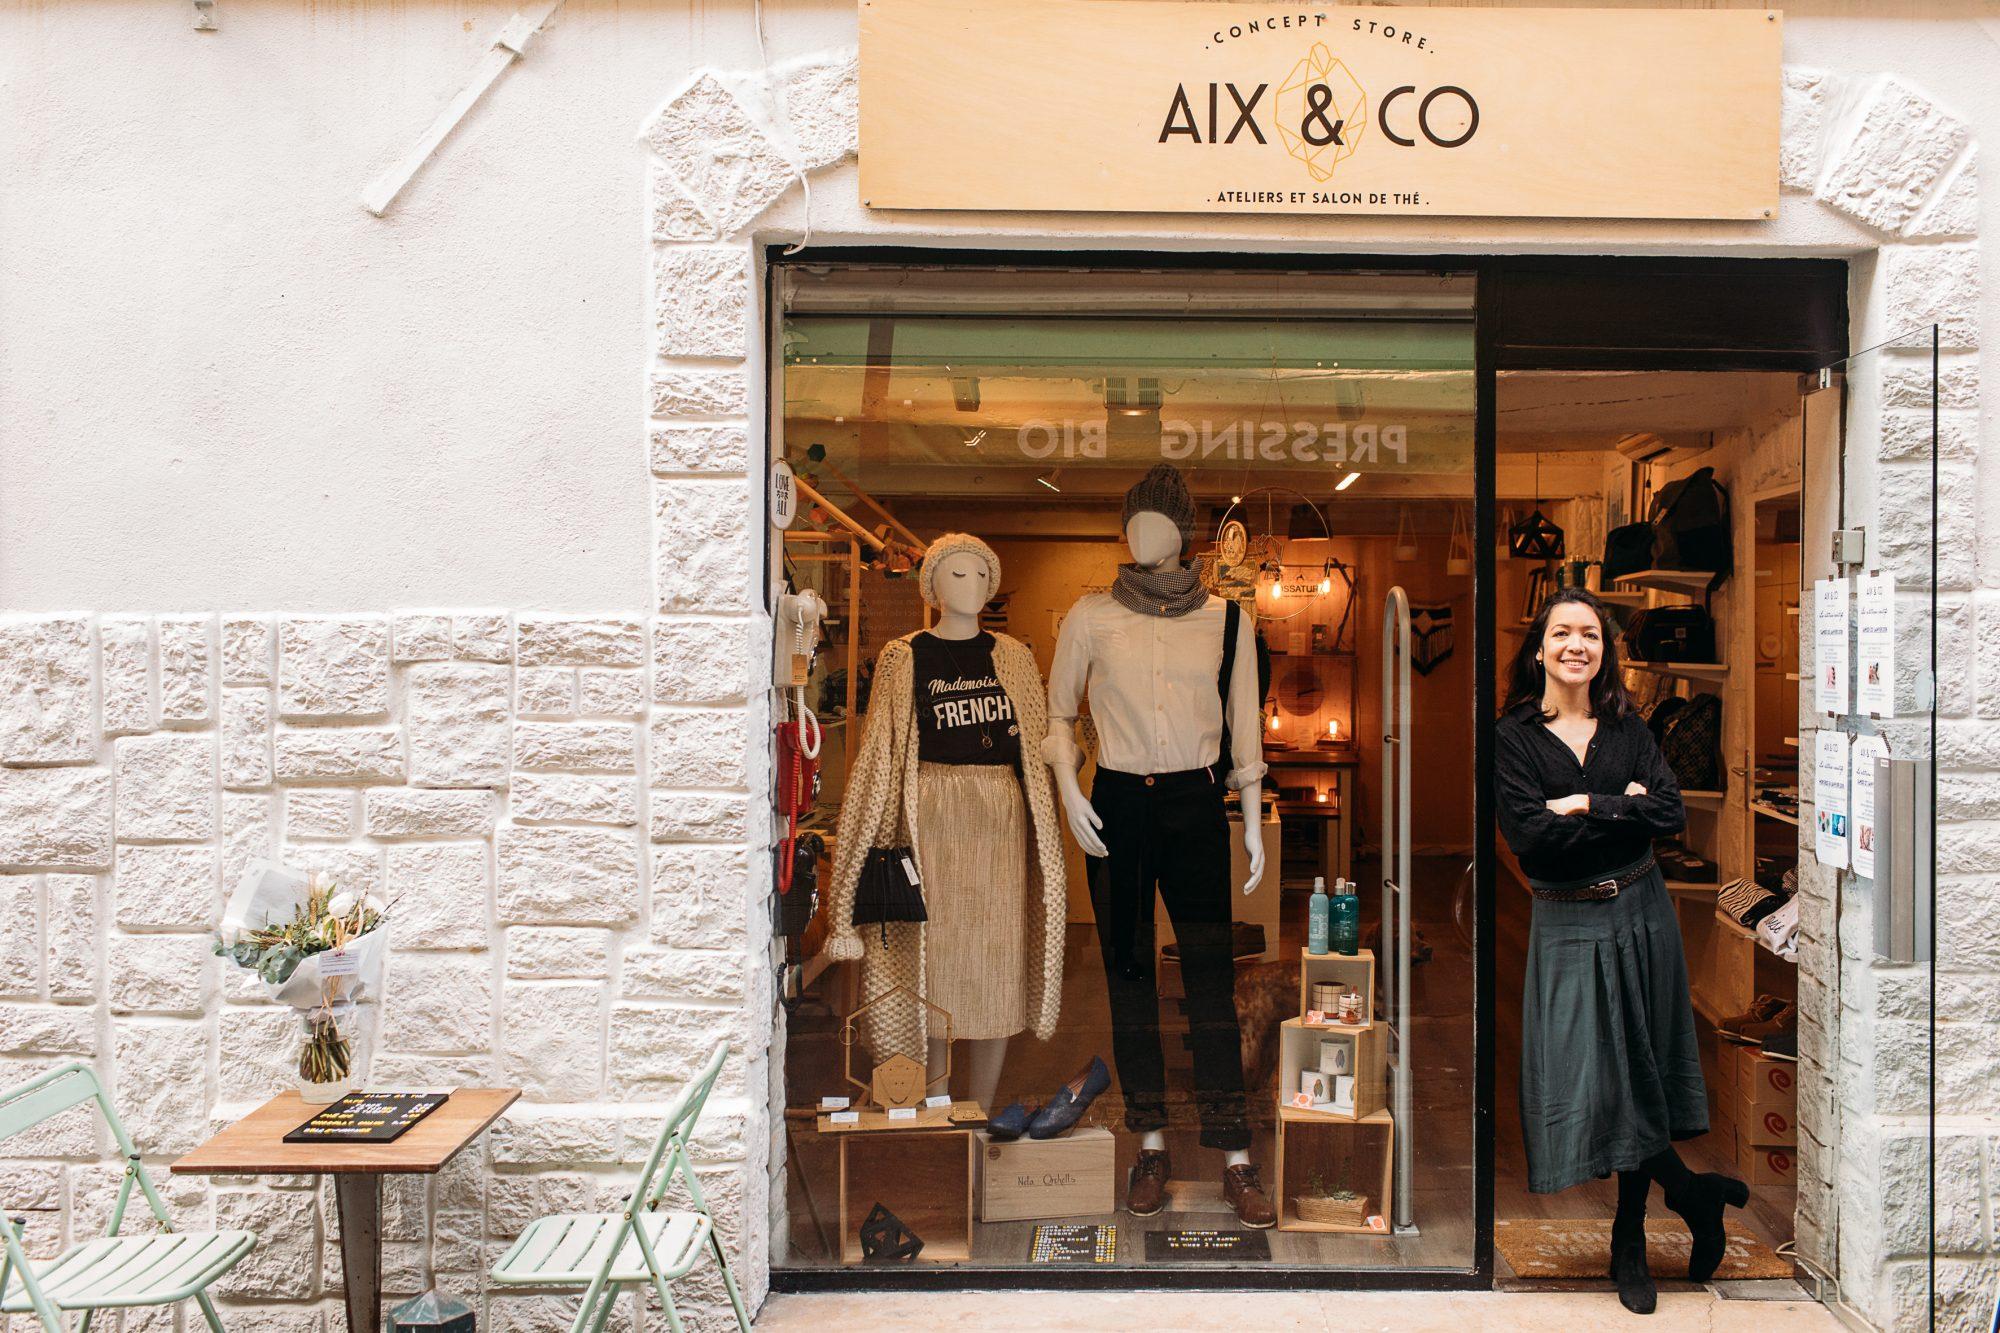 Aix & Co